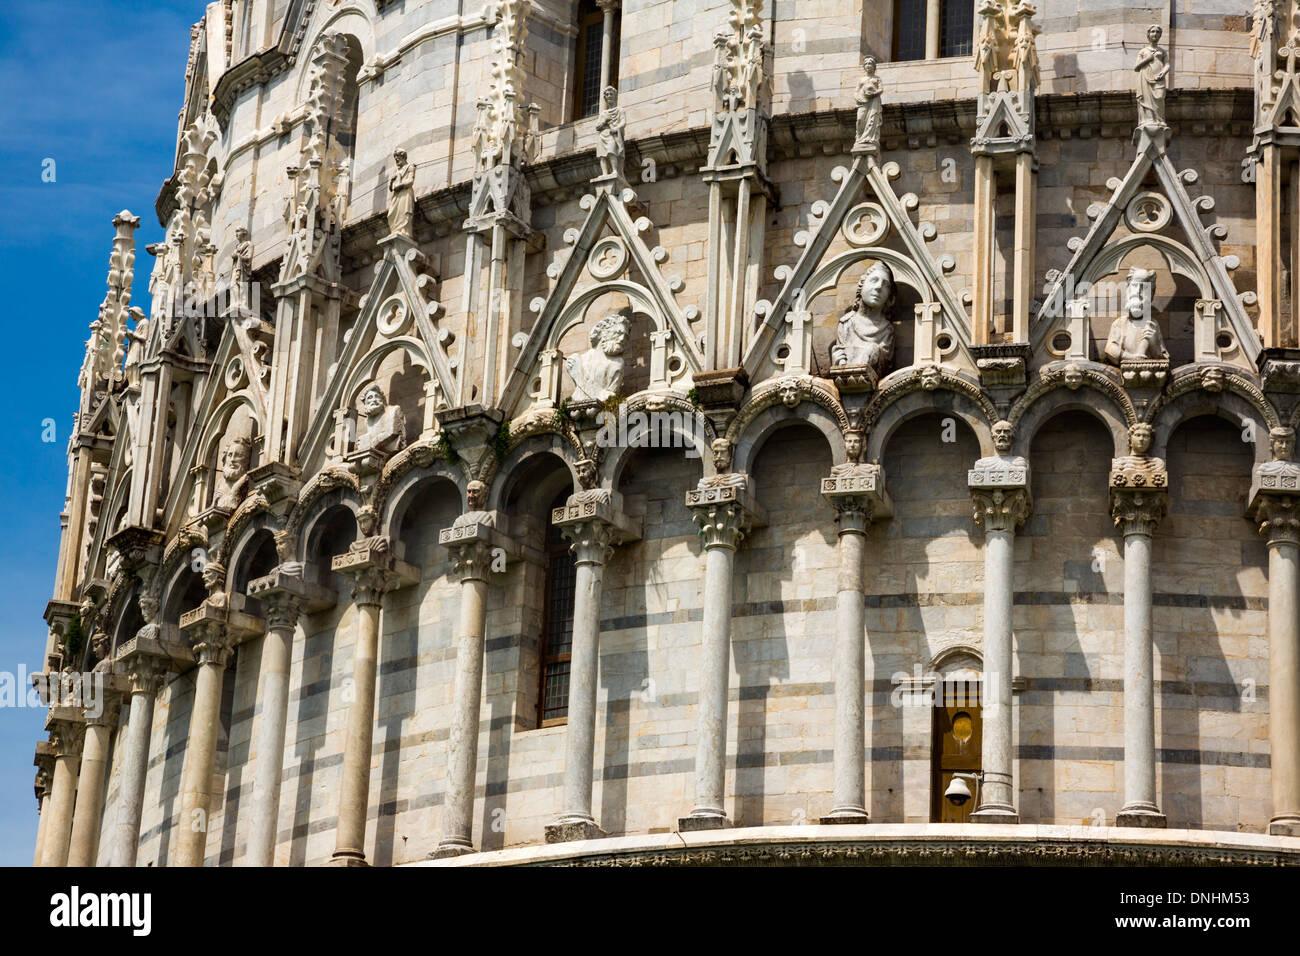 Portrait d'un édifice religieux, le Baptistère de Saint-Jean, la Piazza dei Miracoli, Pisa, Toscane, Italie Banque D'Images